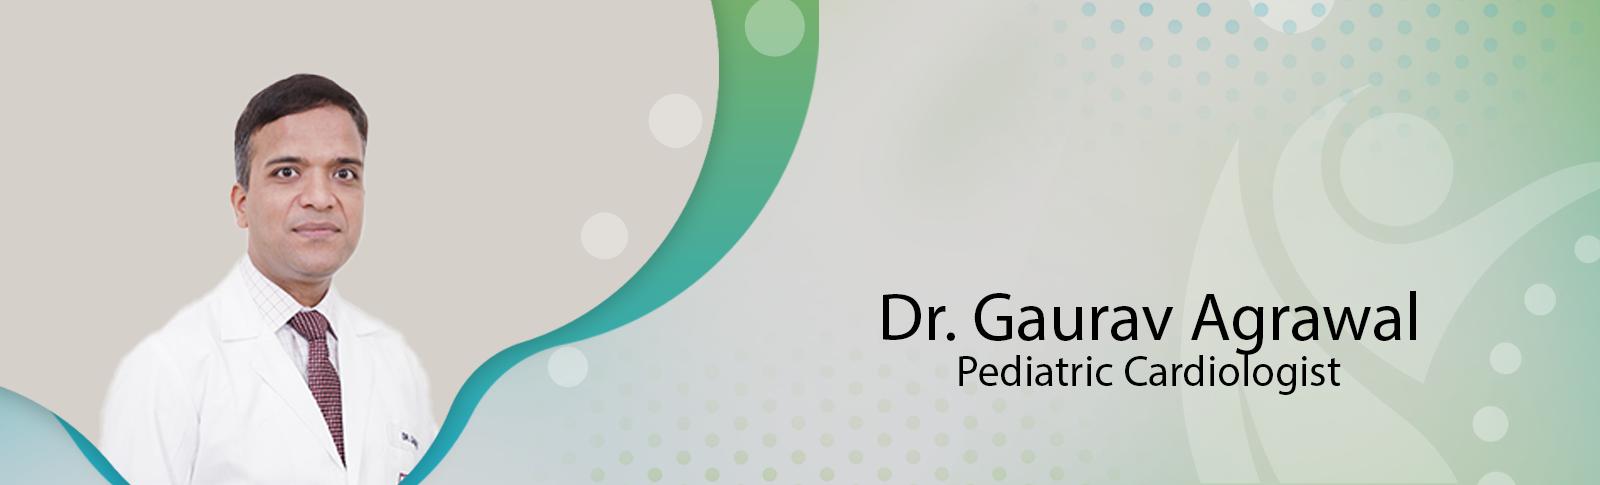 Dr. Gaurav Agarwal